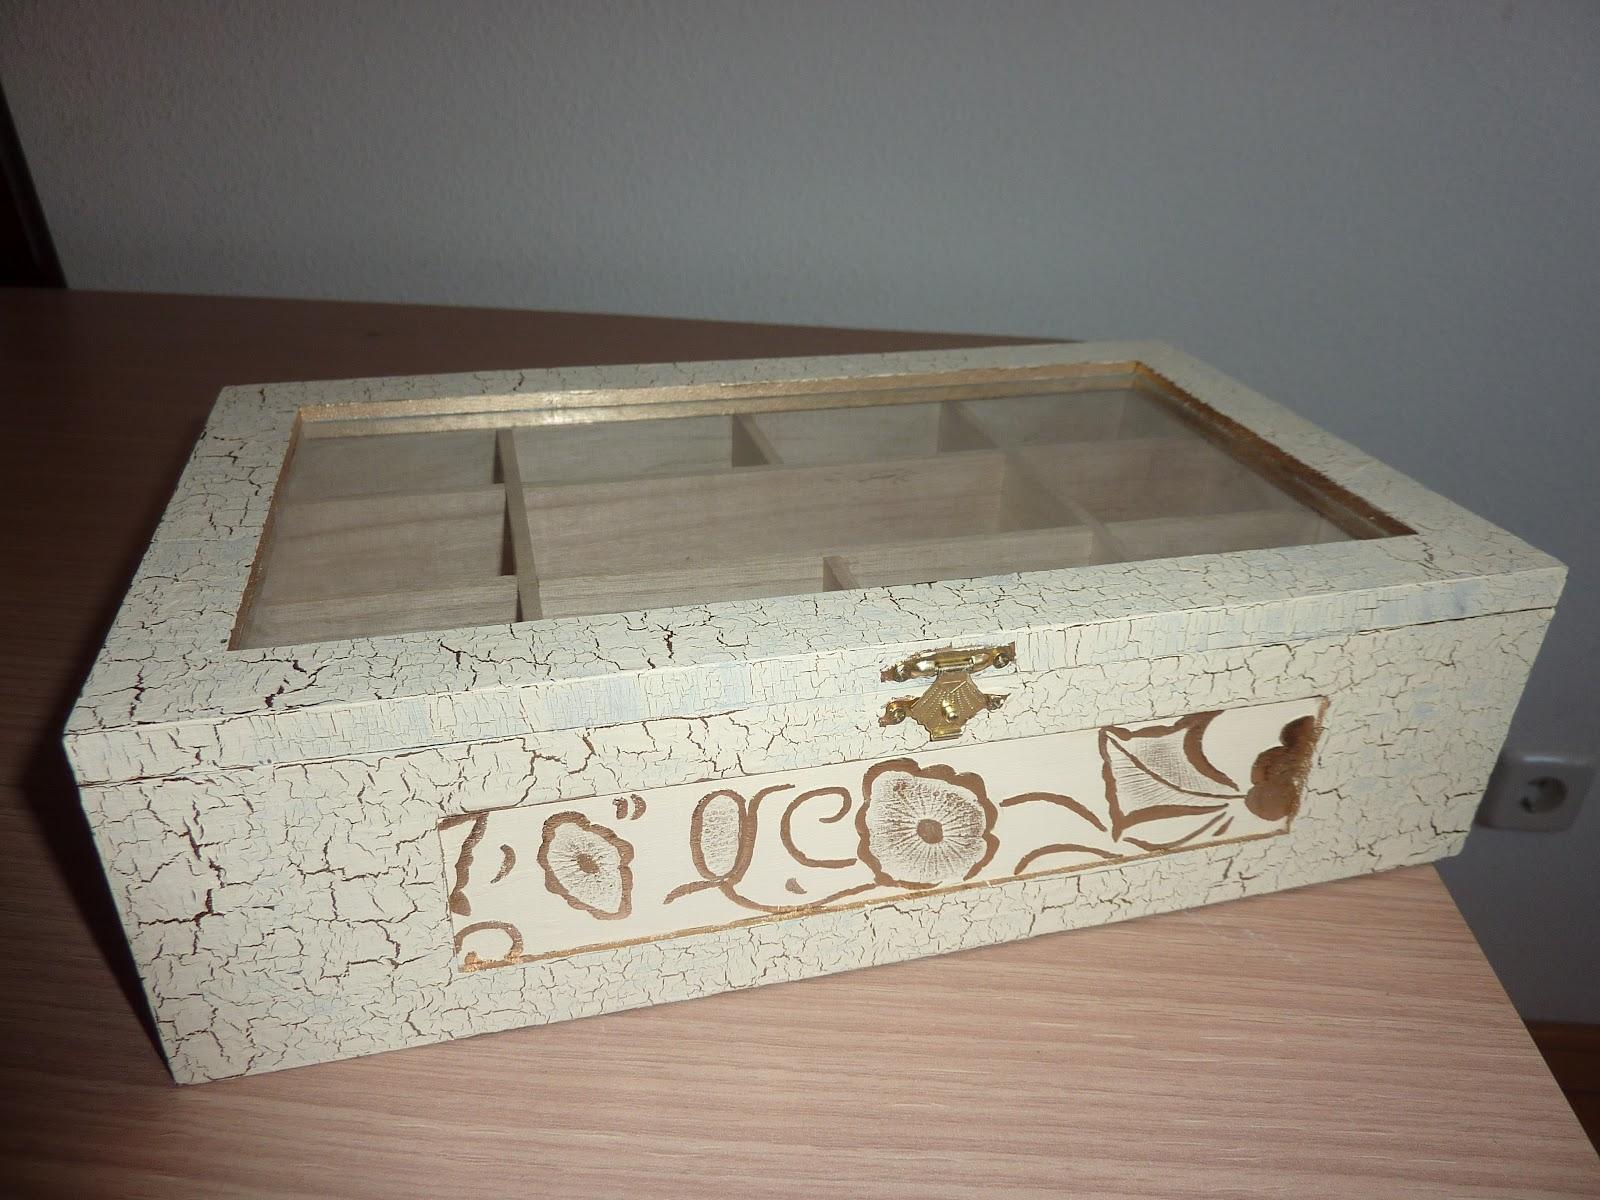 Mardol decoraciones s l caja joyero de madera craquelado - Craquelado de madera ...